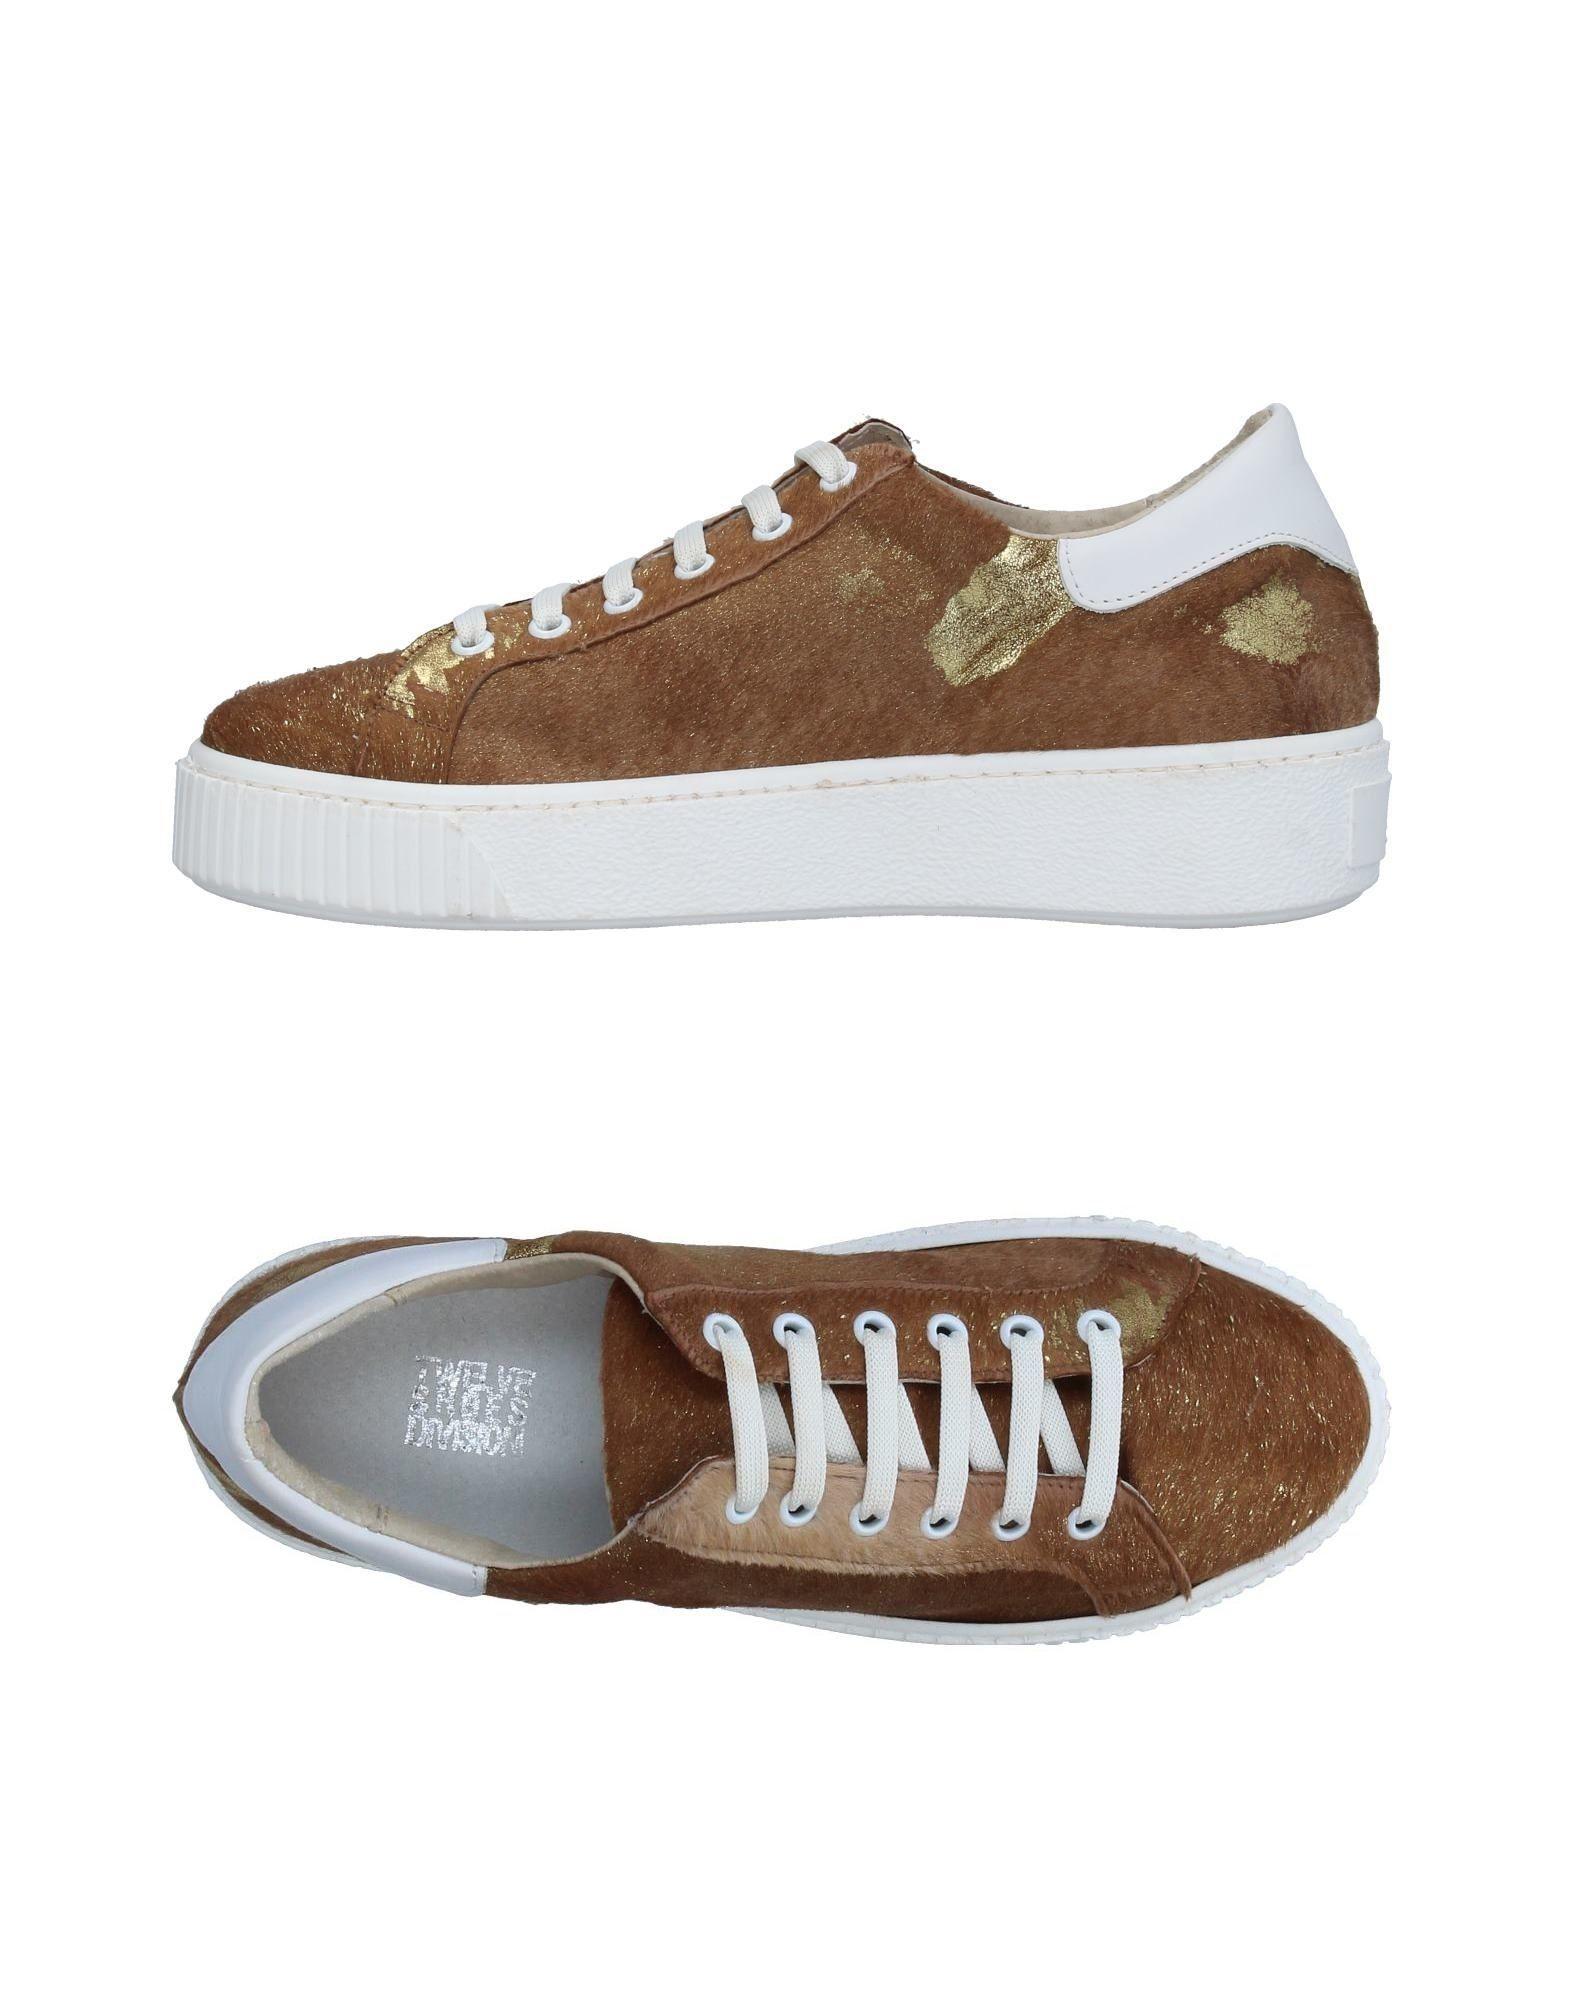 Moda Sneakers Tsd12 Donna - 11337471RM